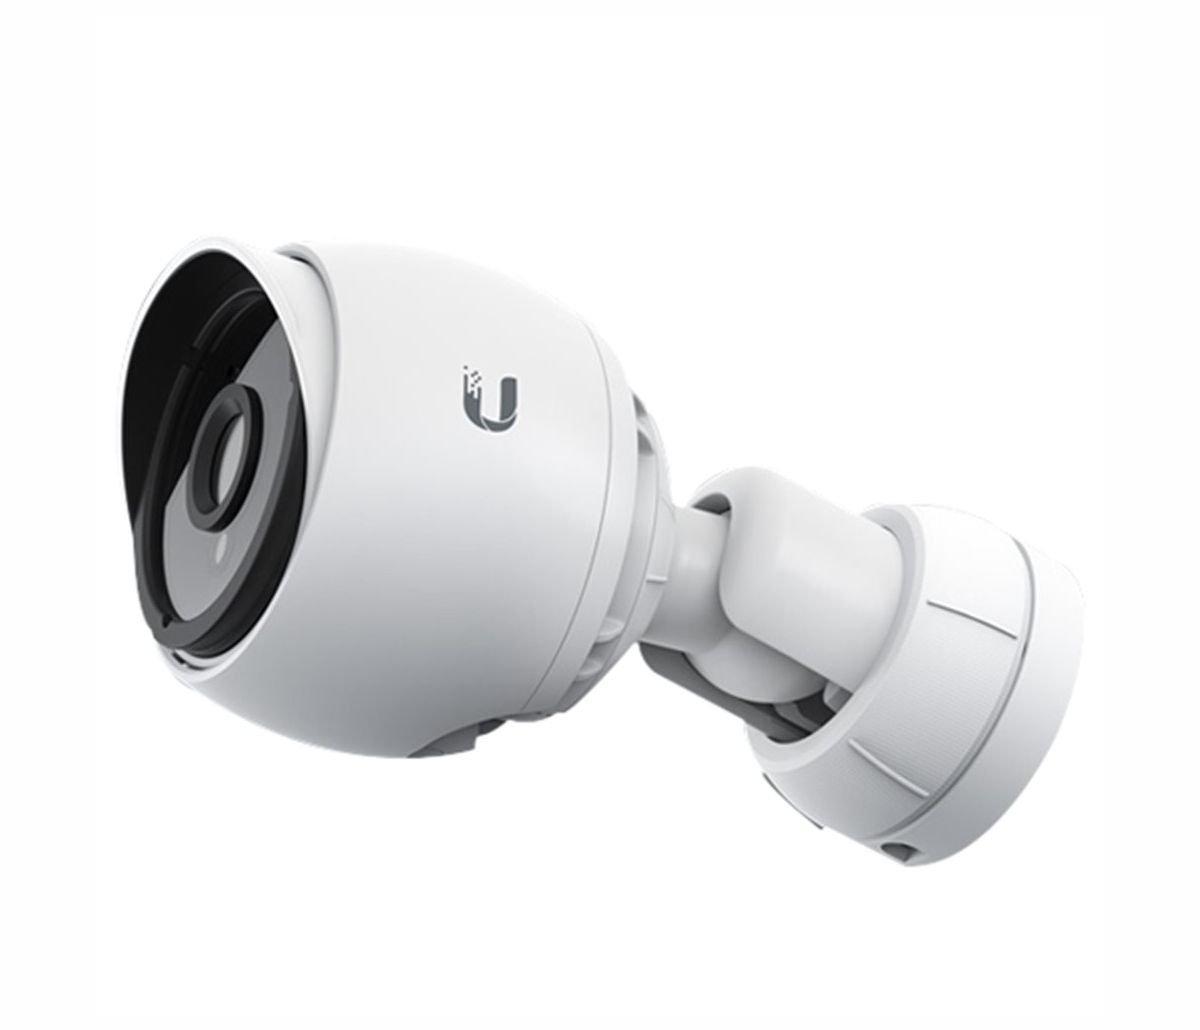 uvc-g3-bullet-ip-camera